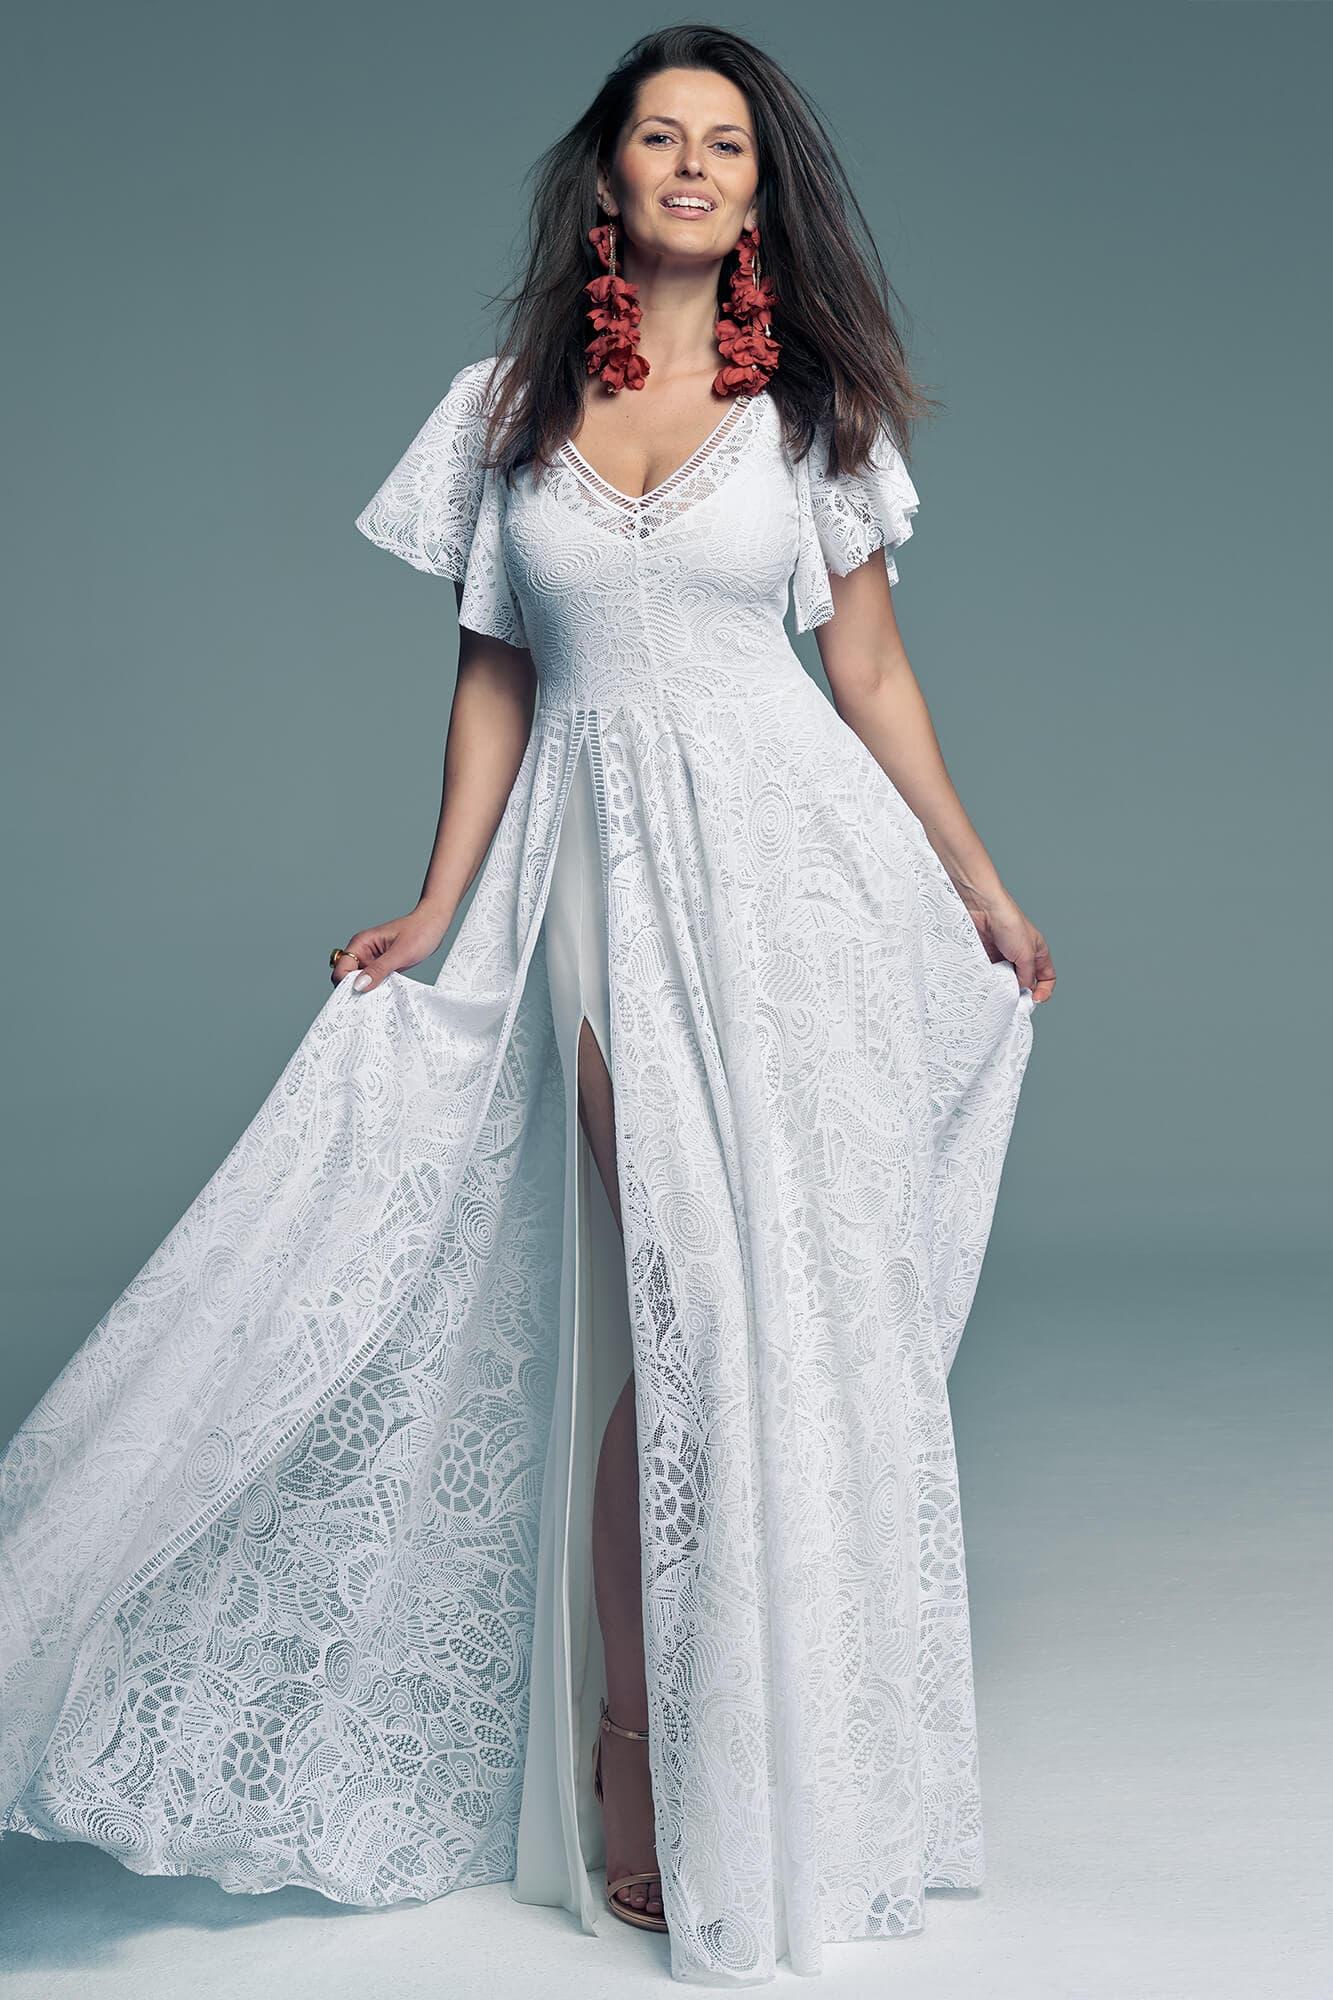 Suknia ślubna która jest prosta i elegancka jednocześnie Santorini 15